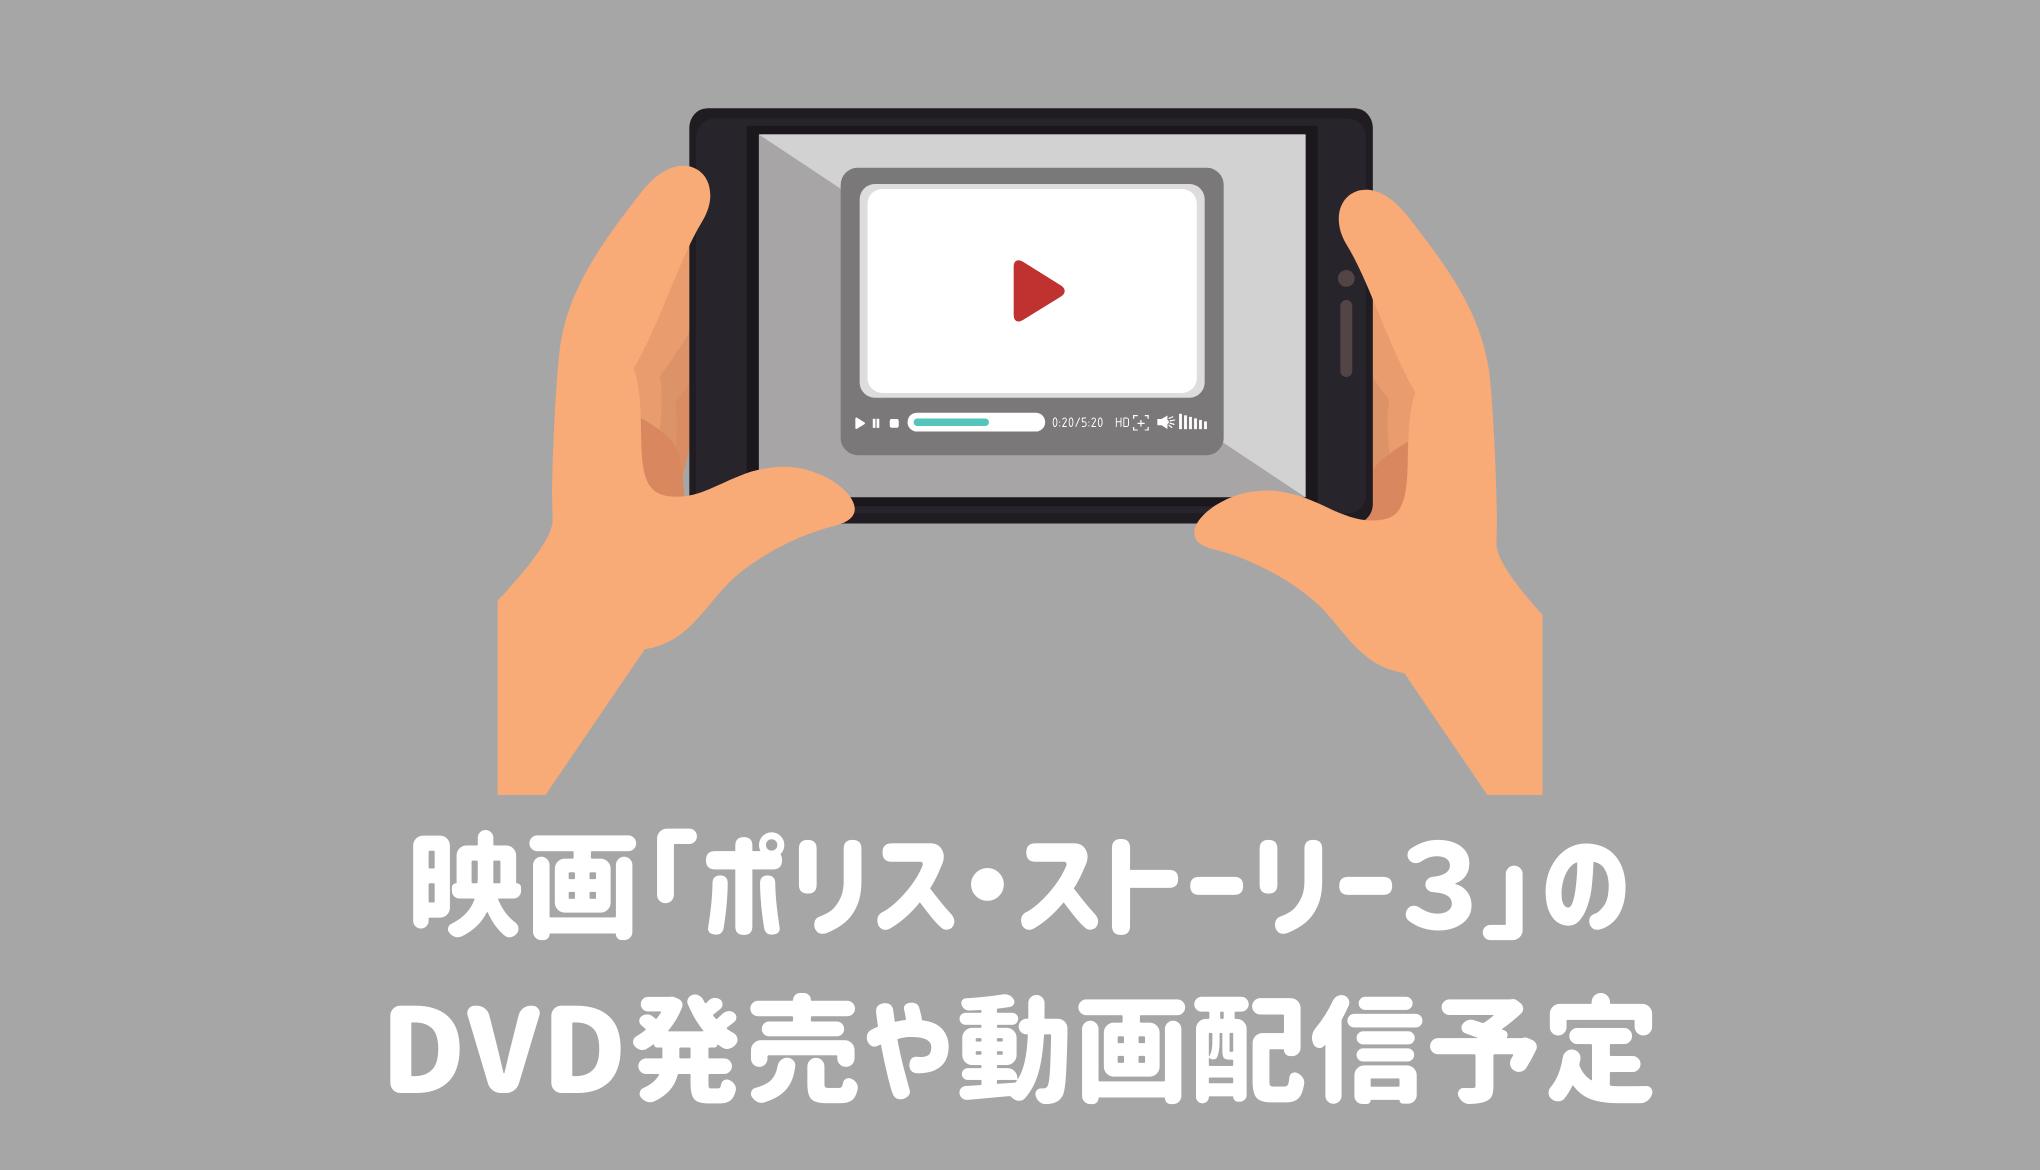 映画「ポリス・ストーリー3」のDVD発売や動画配信サービスをチェック